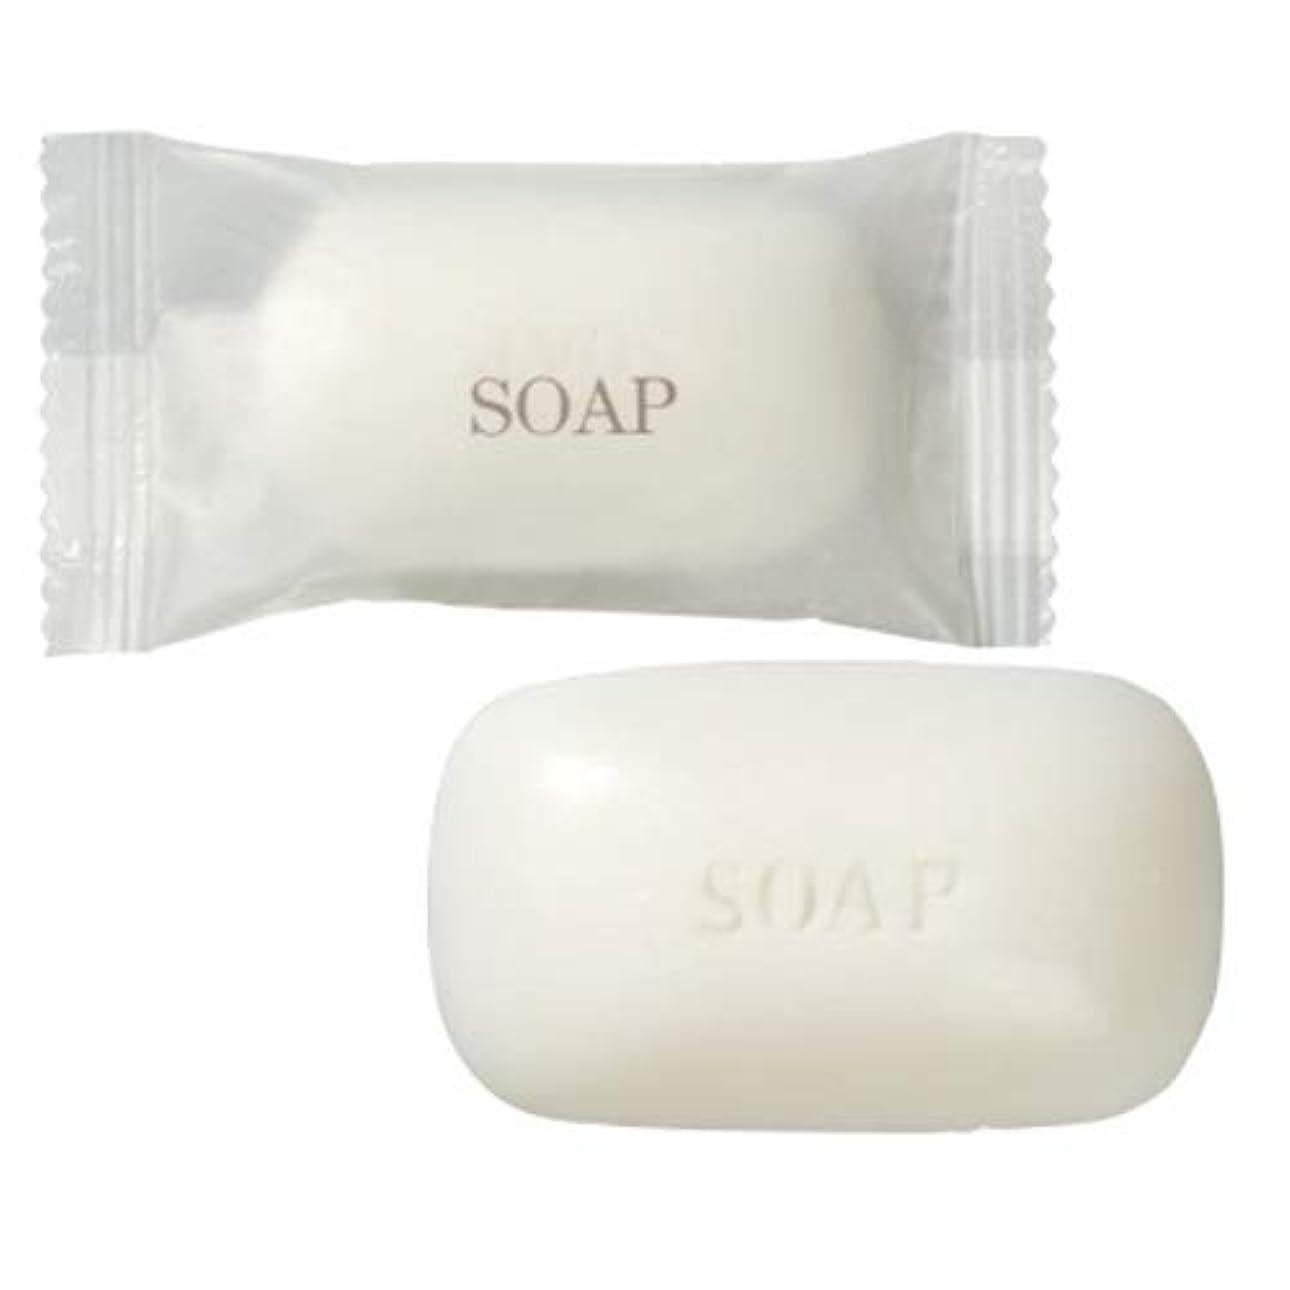 牧師広々怠感業務用 フィードソープ(FEED SOAP) マット袋(M袋) 15g ×100個 | ホテルアメニティ 個包装